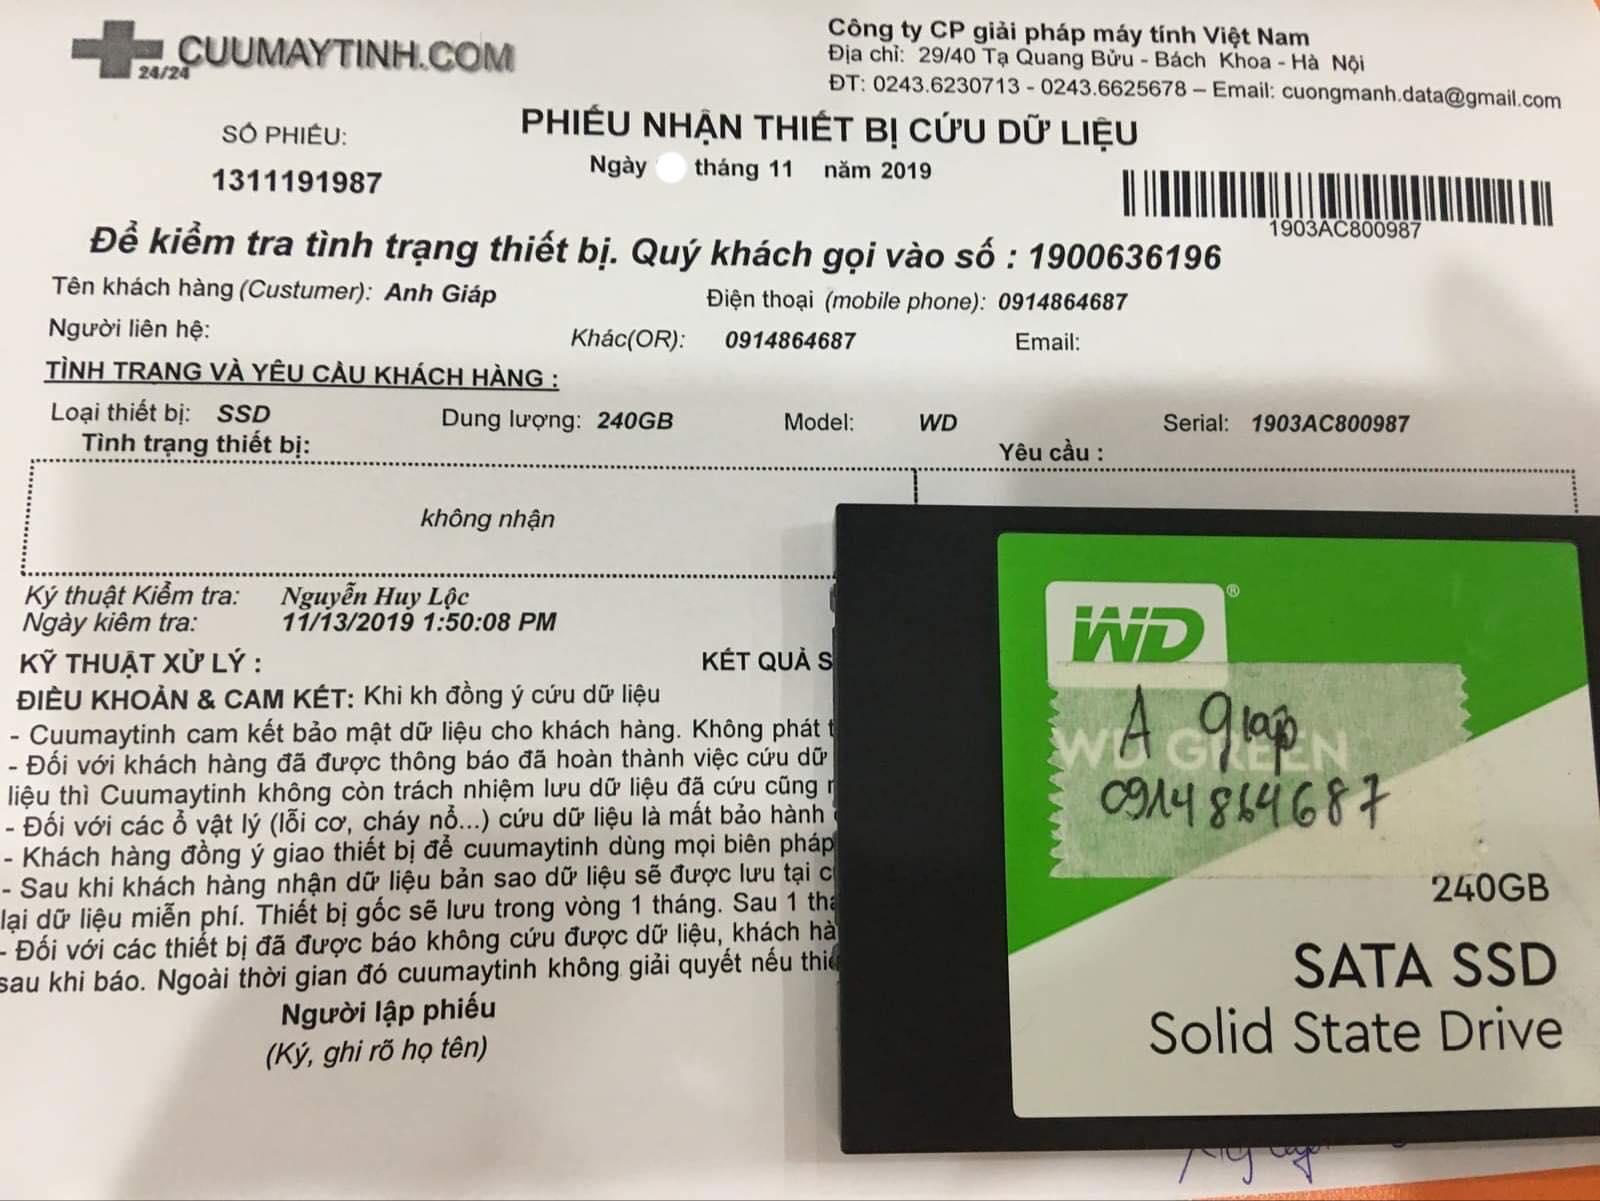 Cứu dữ liệu ổ cứng SSD Kingston 240GB không nhận 14/11/2019 - cuumaytinh